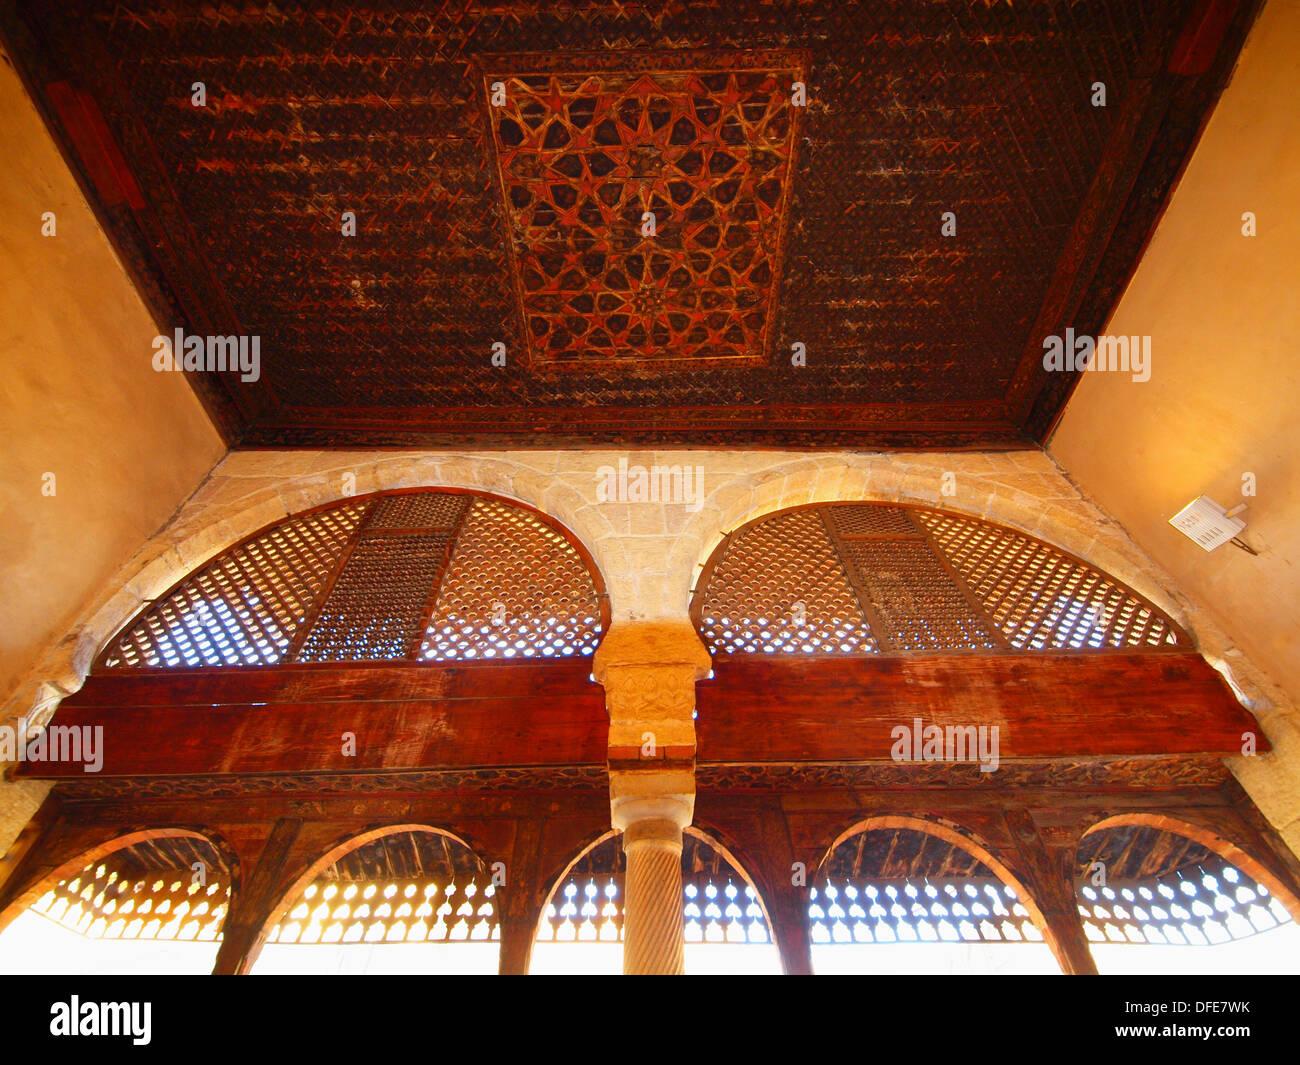 Sabil Kuttab Gamal Ali Al Mottaher, Cairo, Egypt - Stock Image